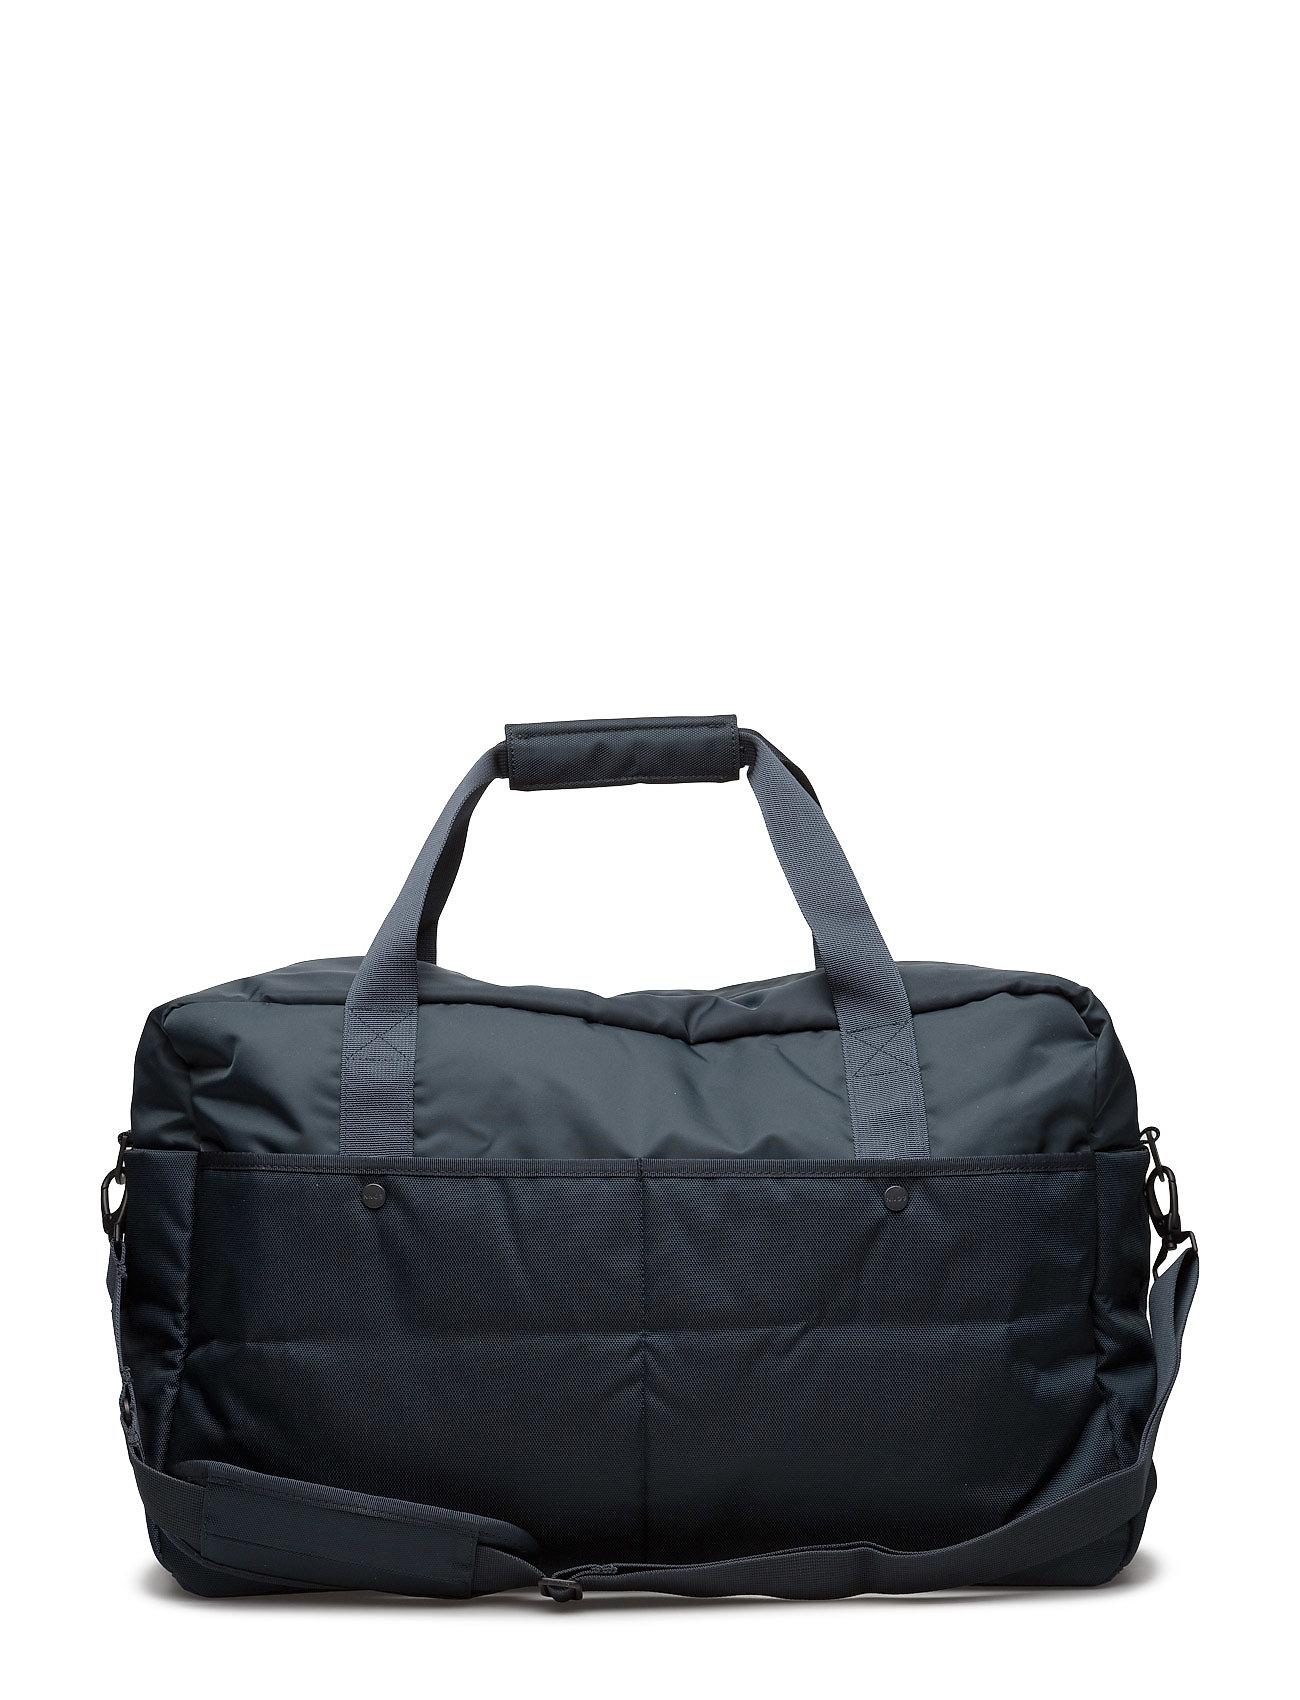 NN07 Weekend bag 9079